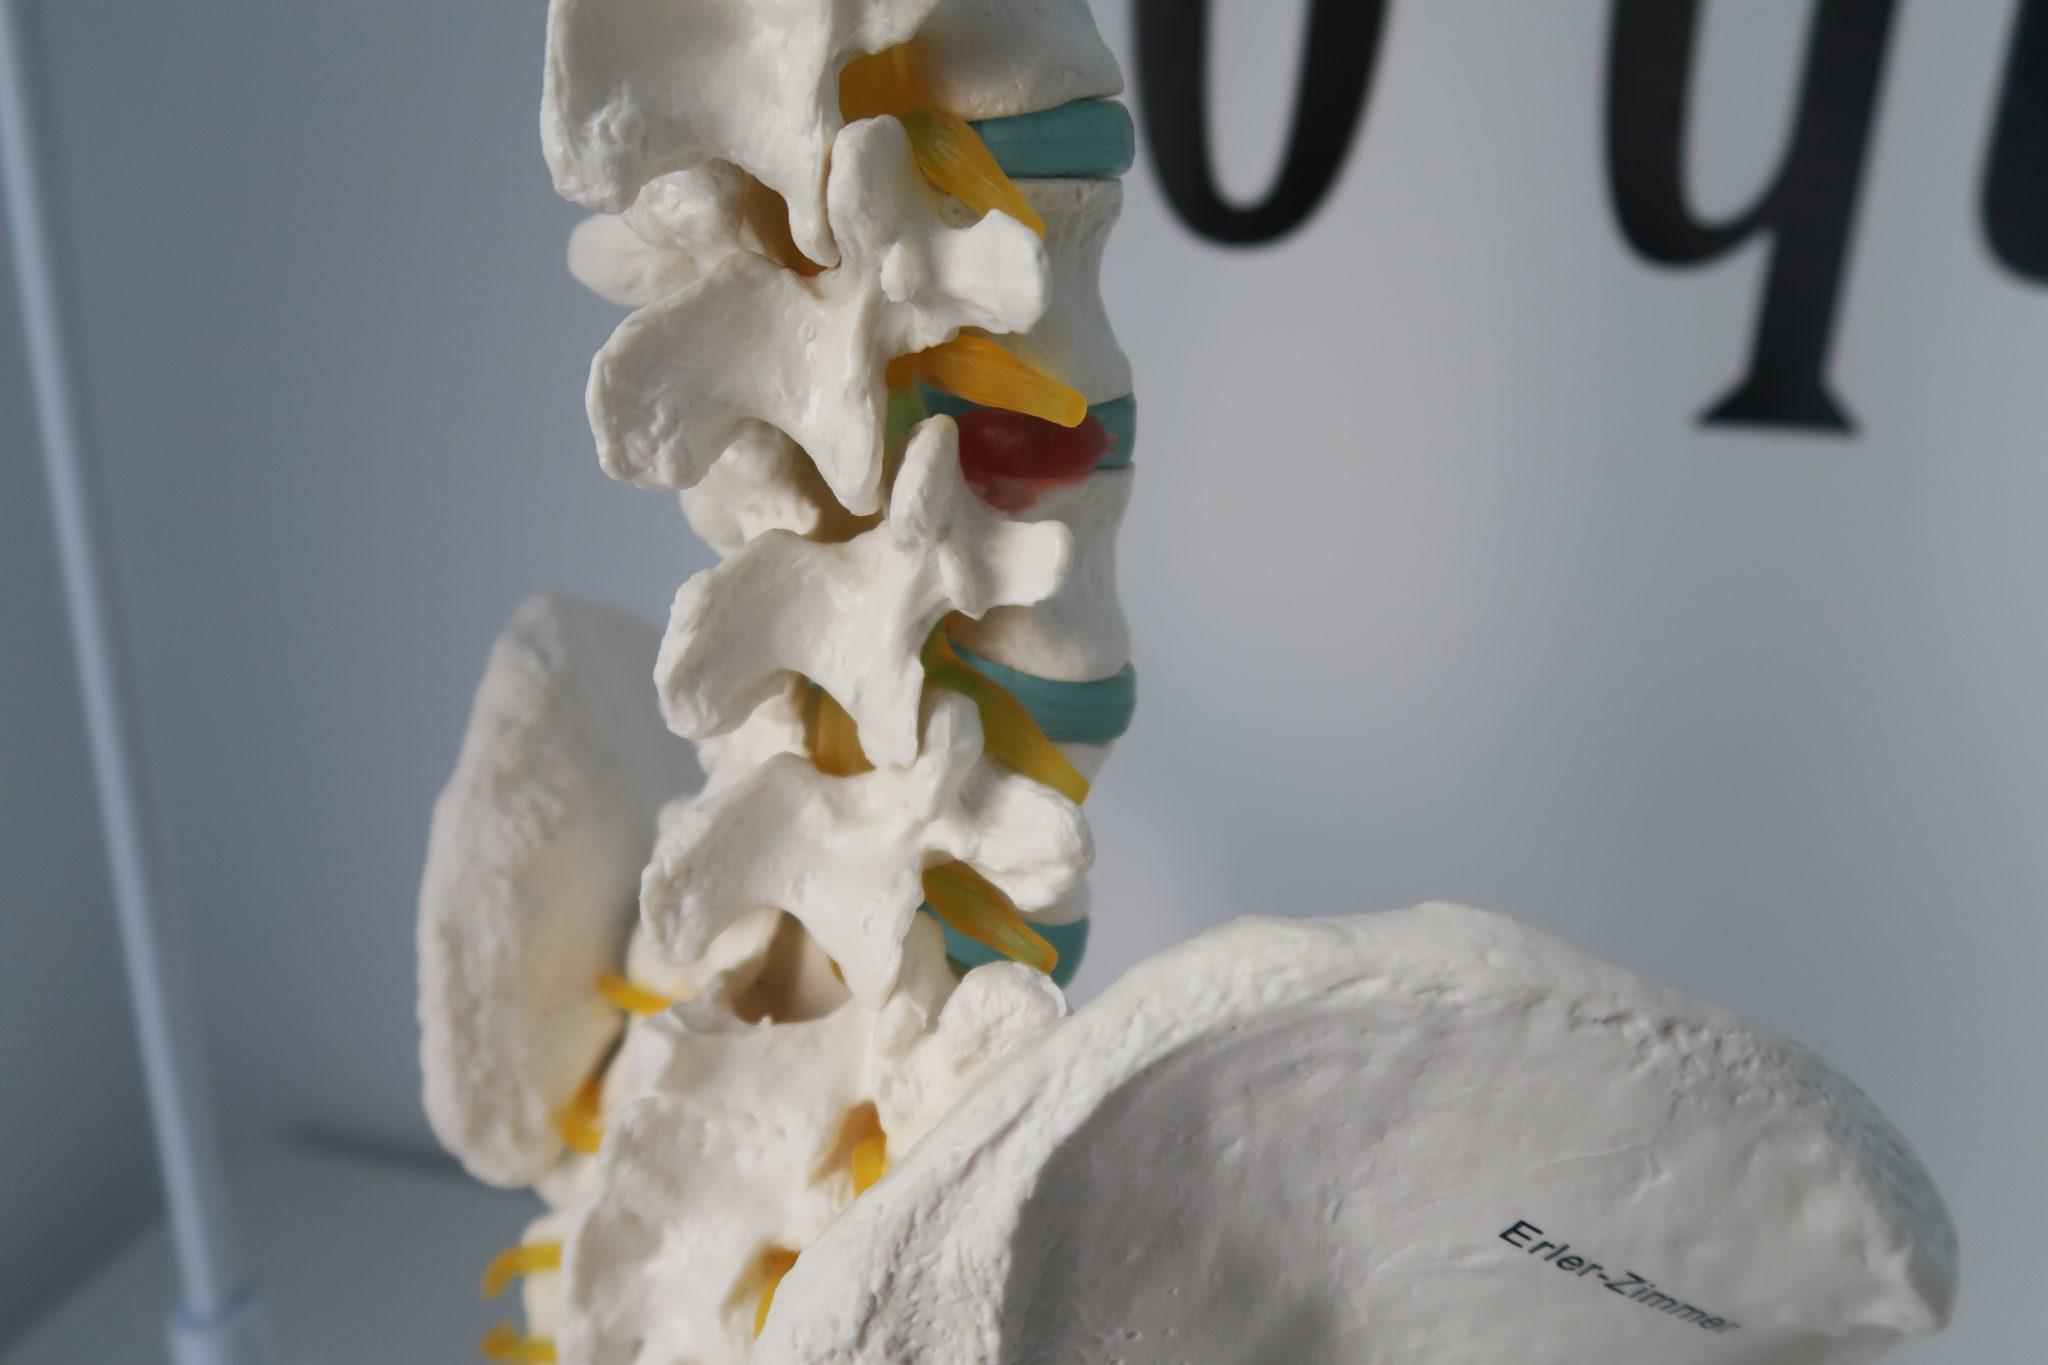 dolor de espalda y hernias